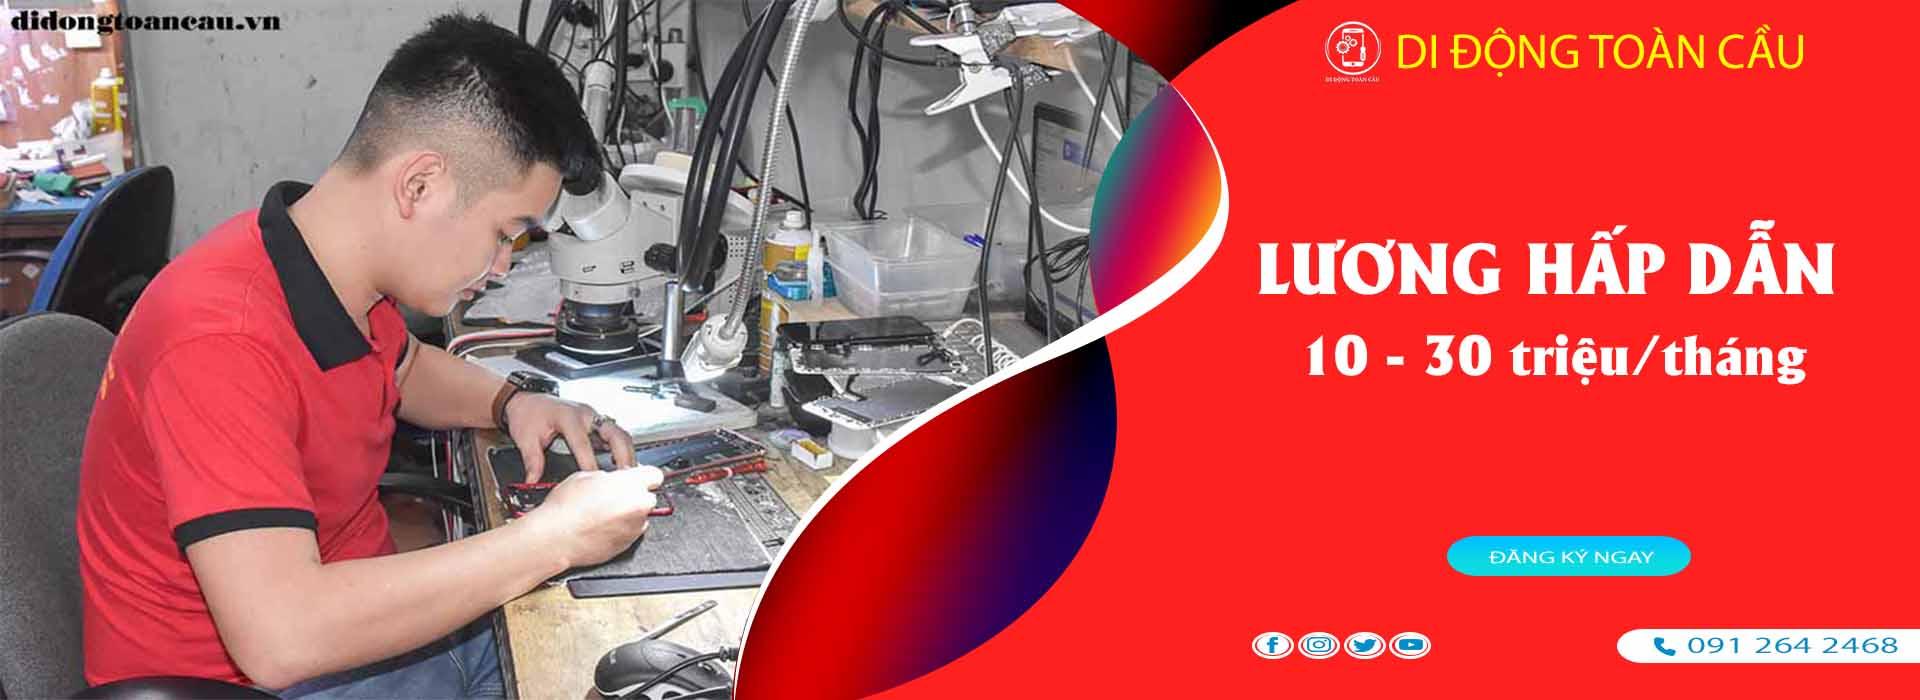 Học sửa chữa điện thoại tại Hà Nội